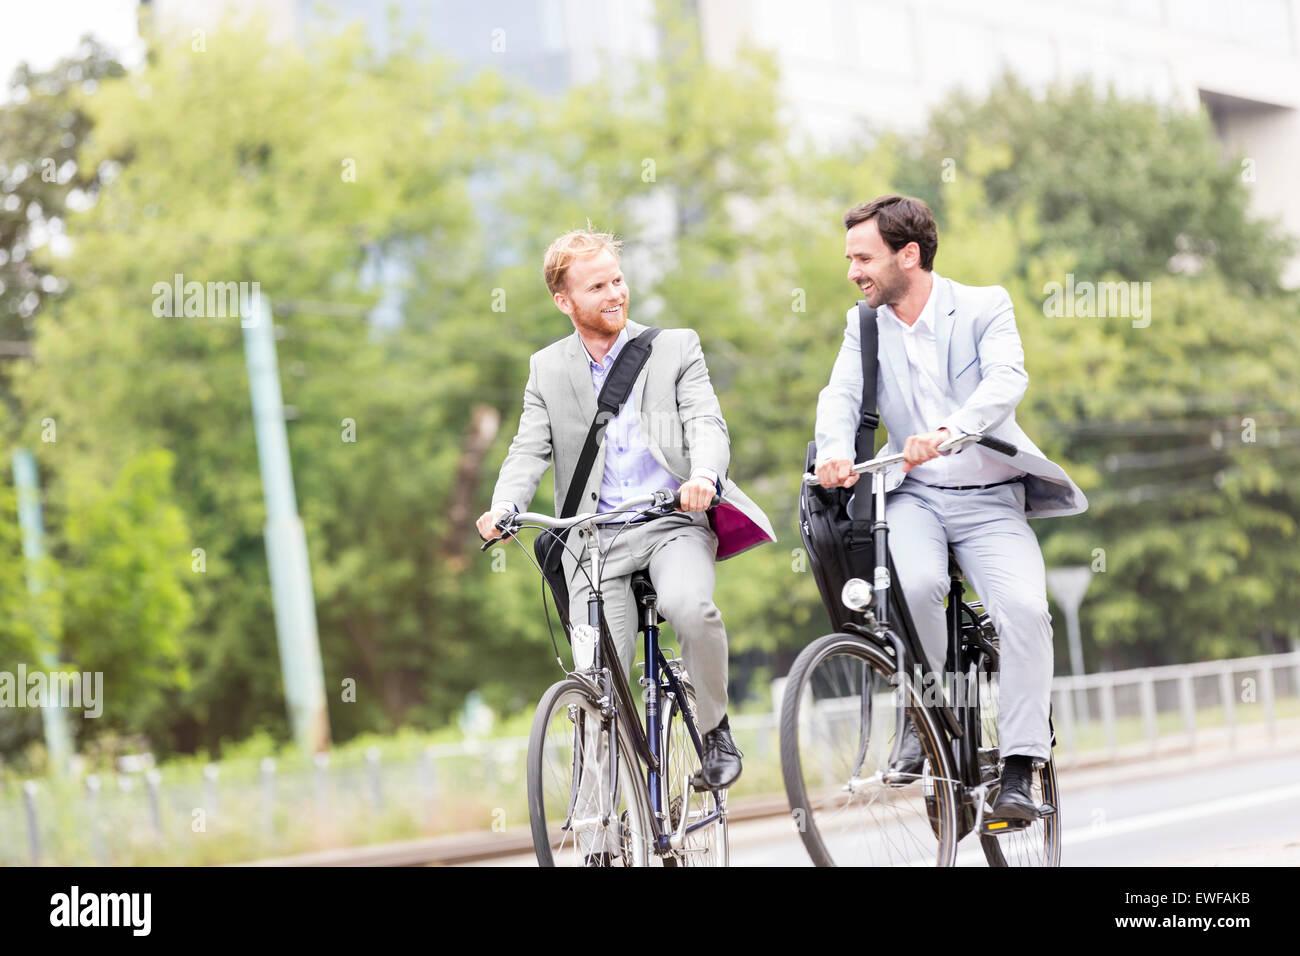 Imprenditori a parlare mentre la bicicletta all'aperto Immagini Stock